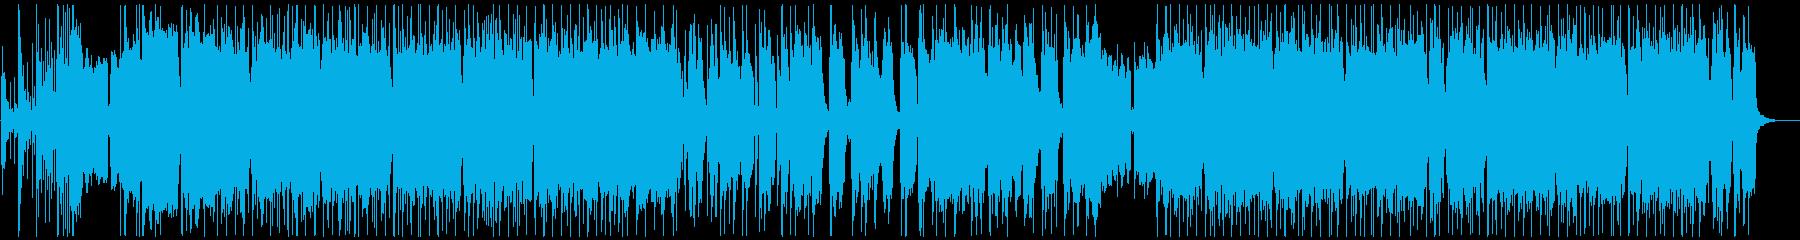 疾走感を重視したスラッシュメタルの再生済みの波形